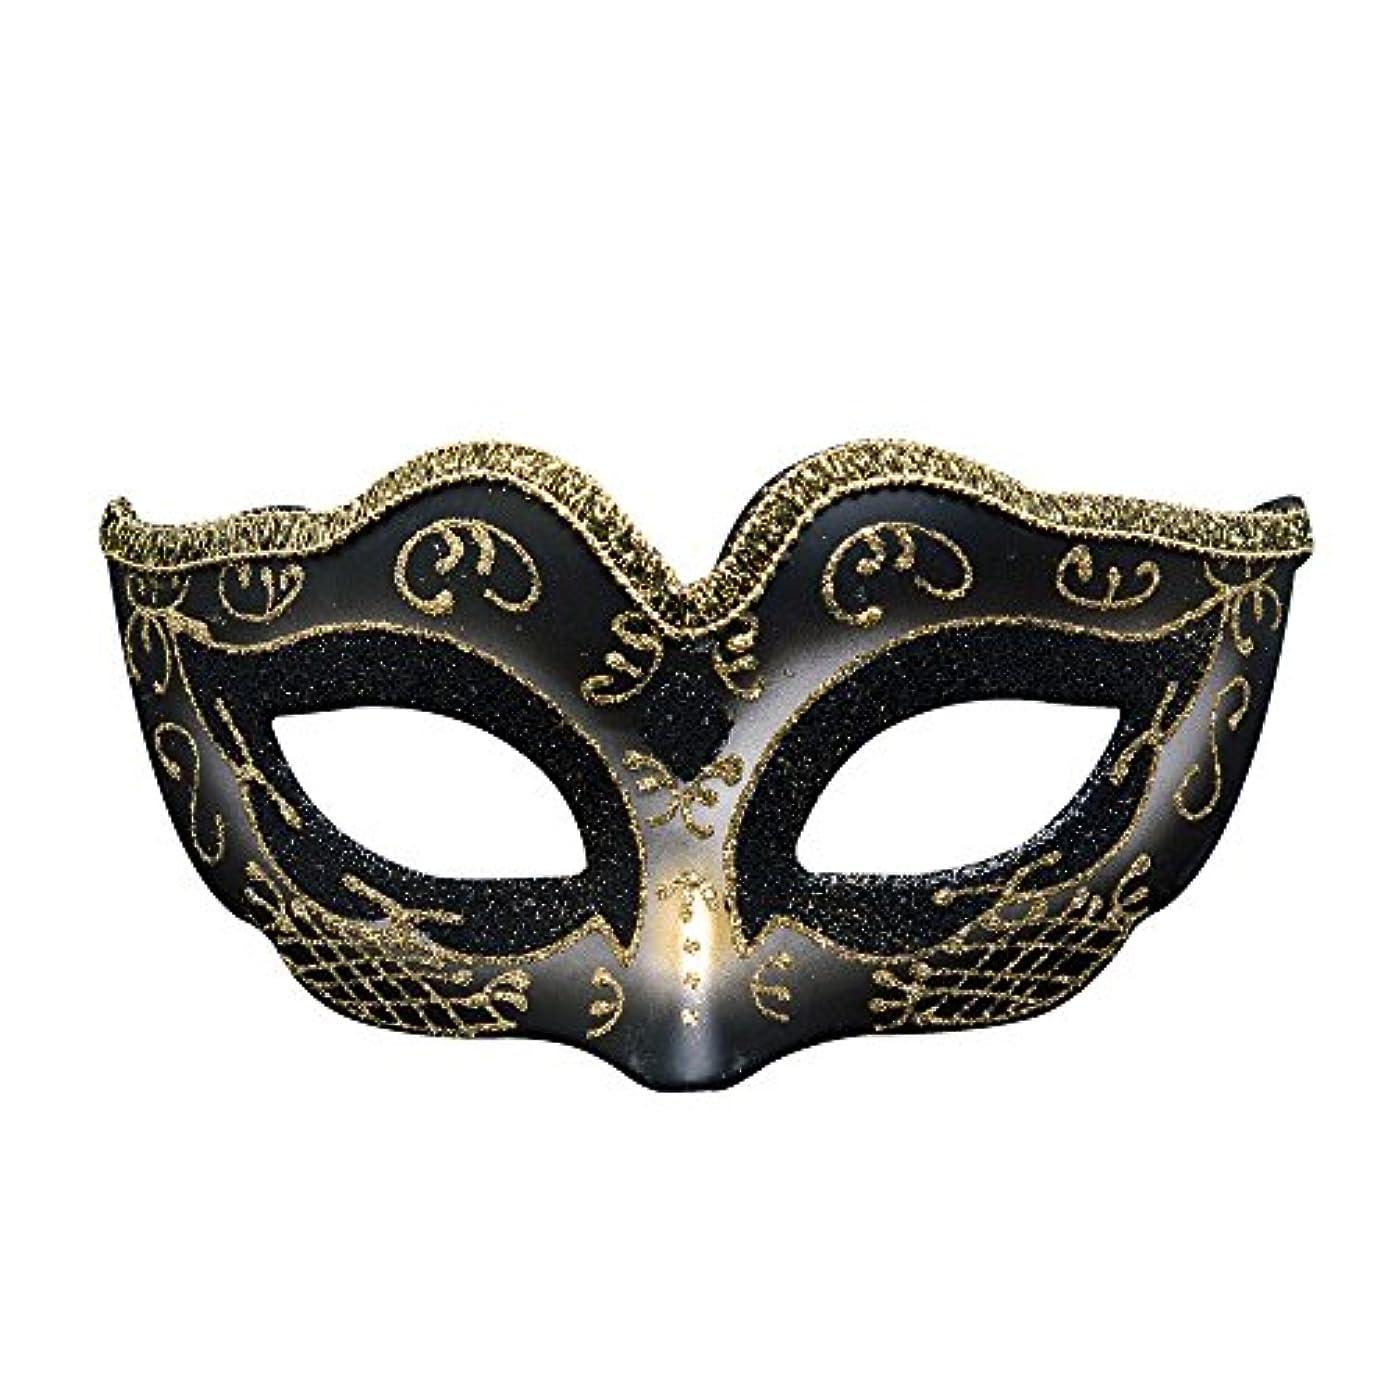 責める会う牛肉クリエイティブキッズマスカレードパーティーハロウィンマスククリスマス雰囲気マスク (Color : #5)